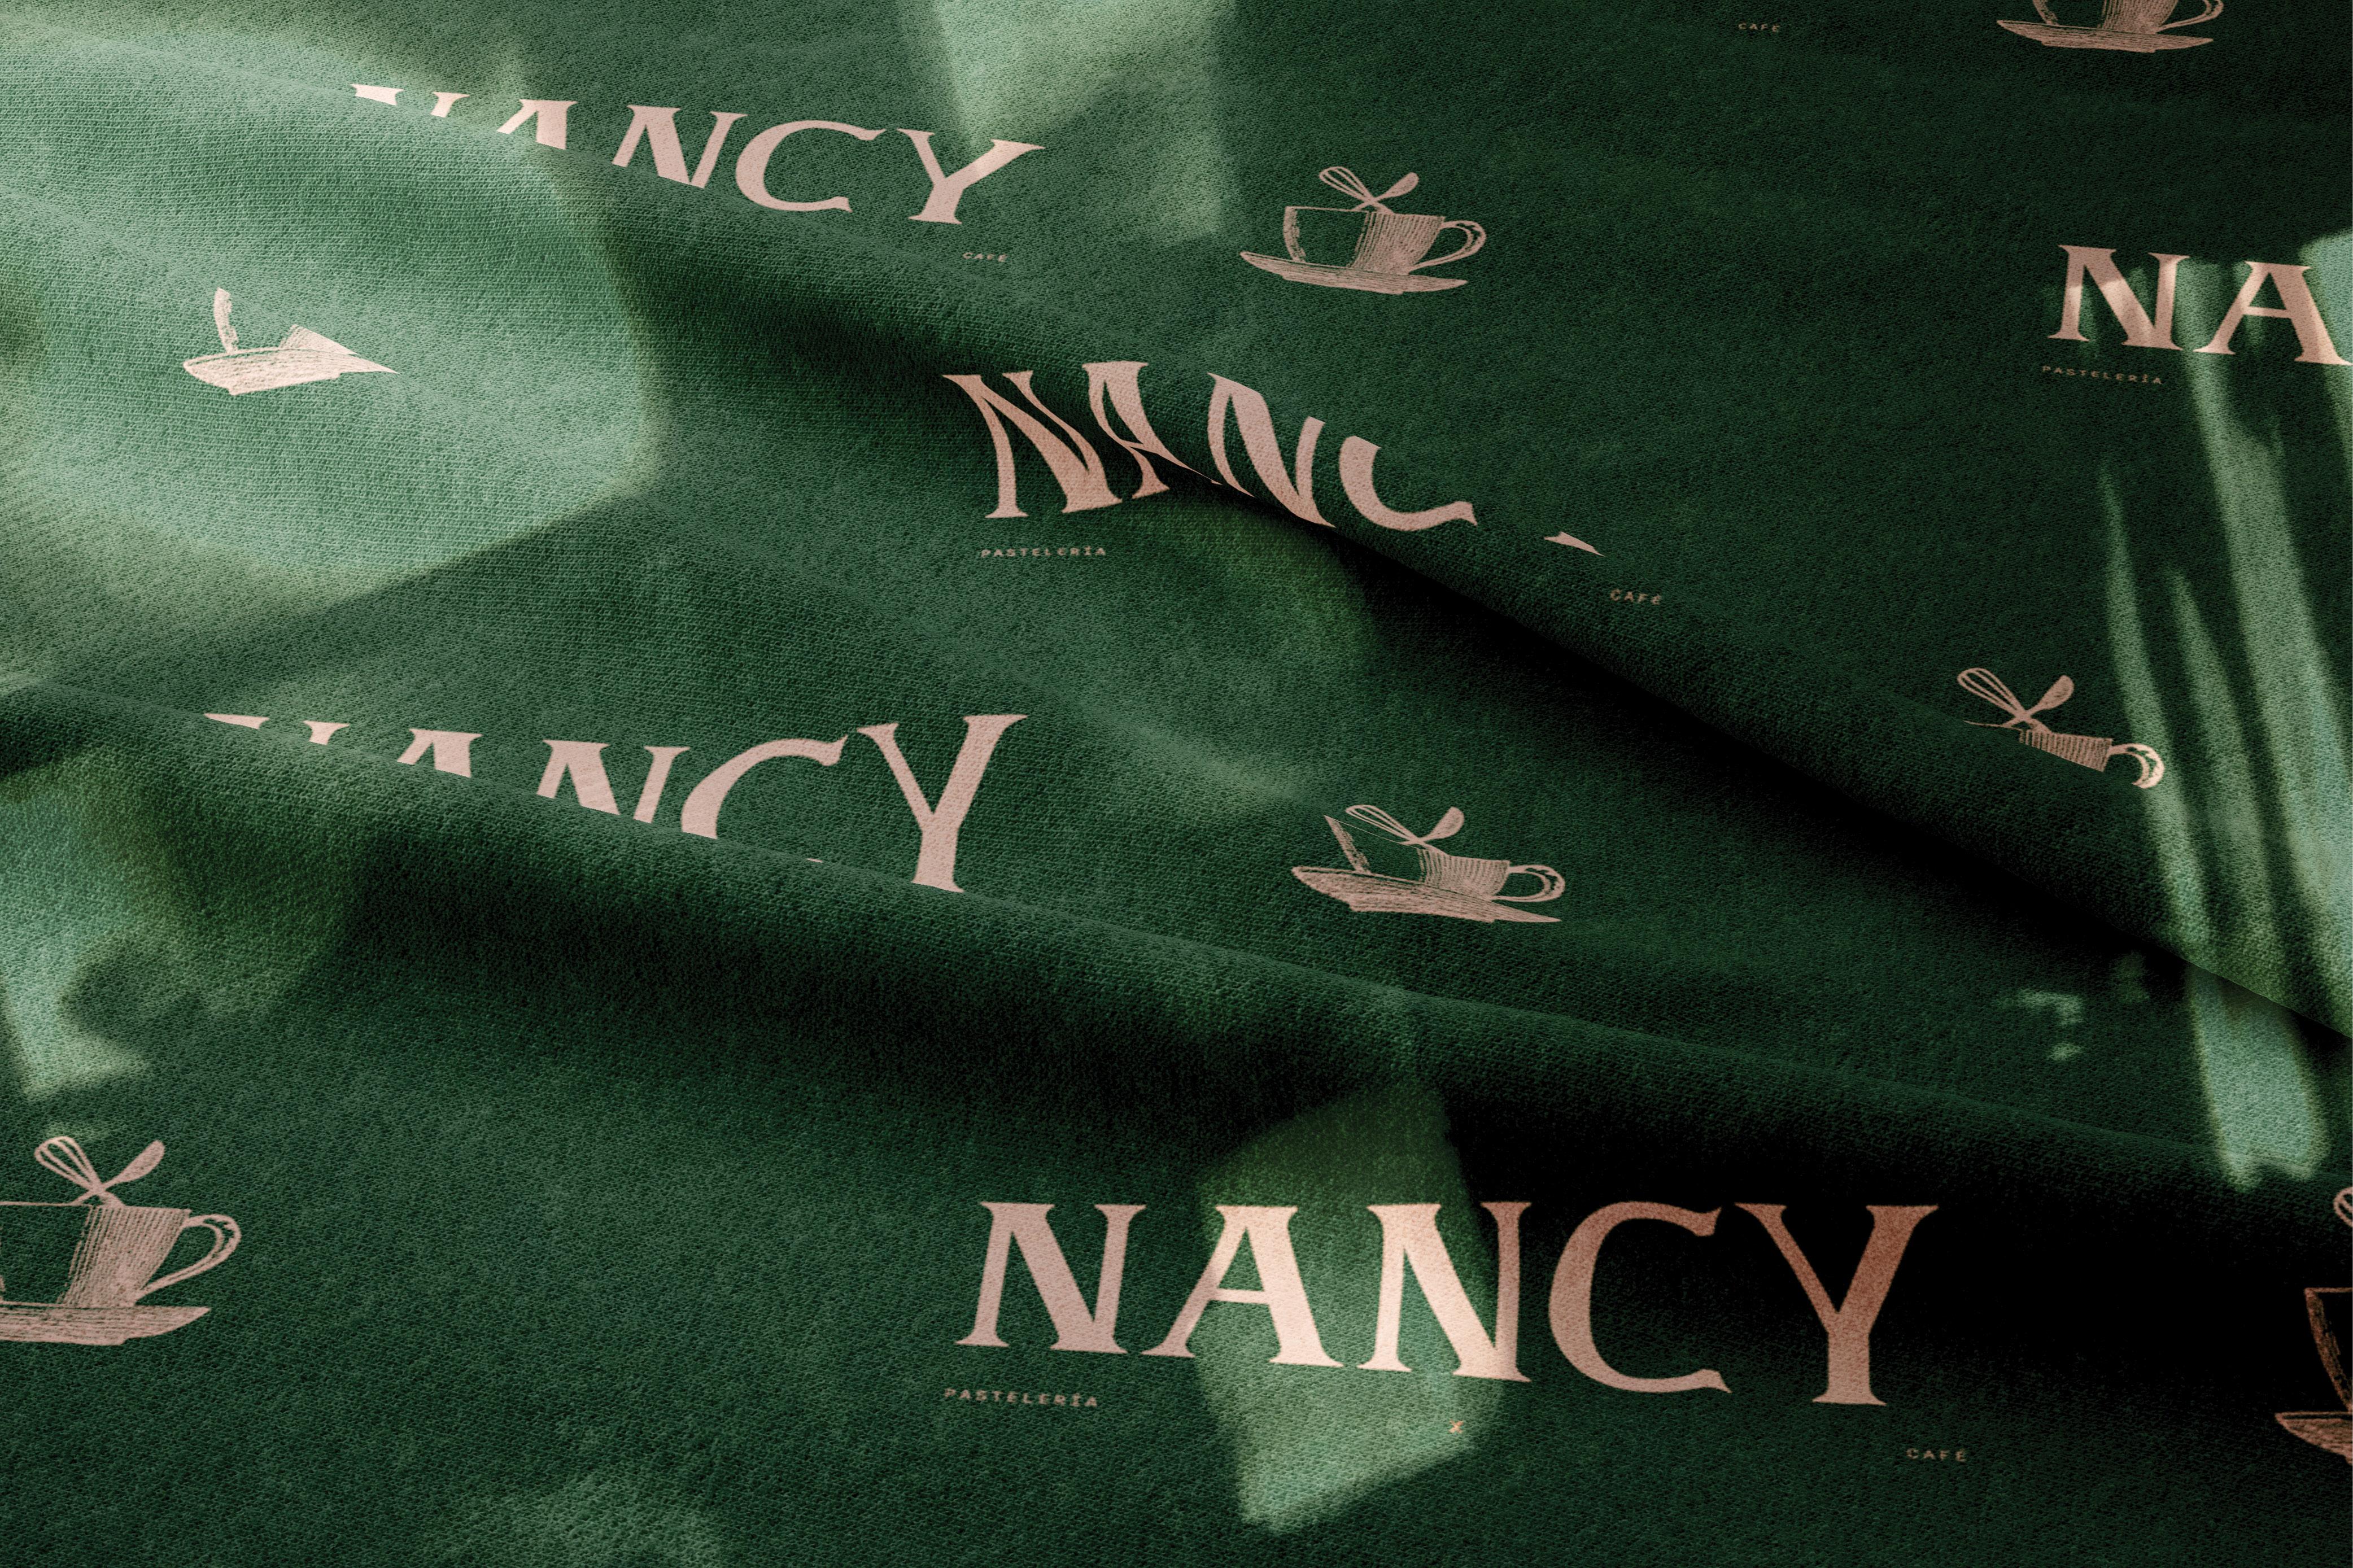 Nancy Brand Identity